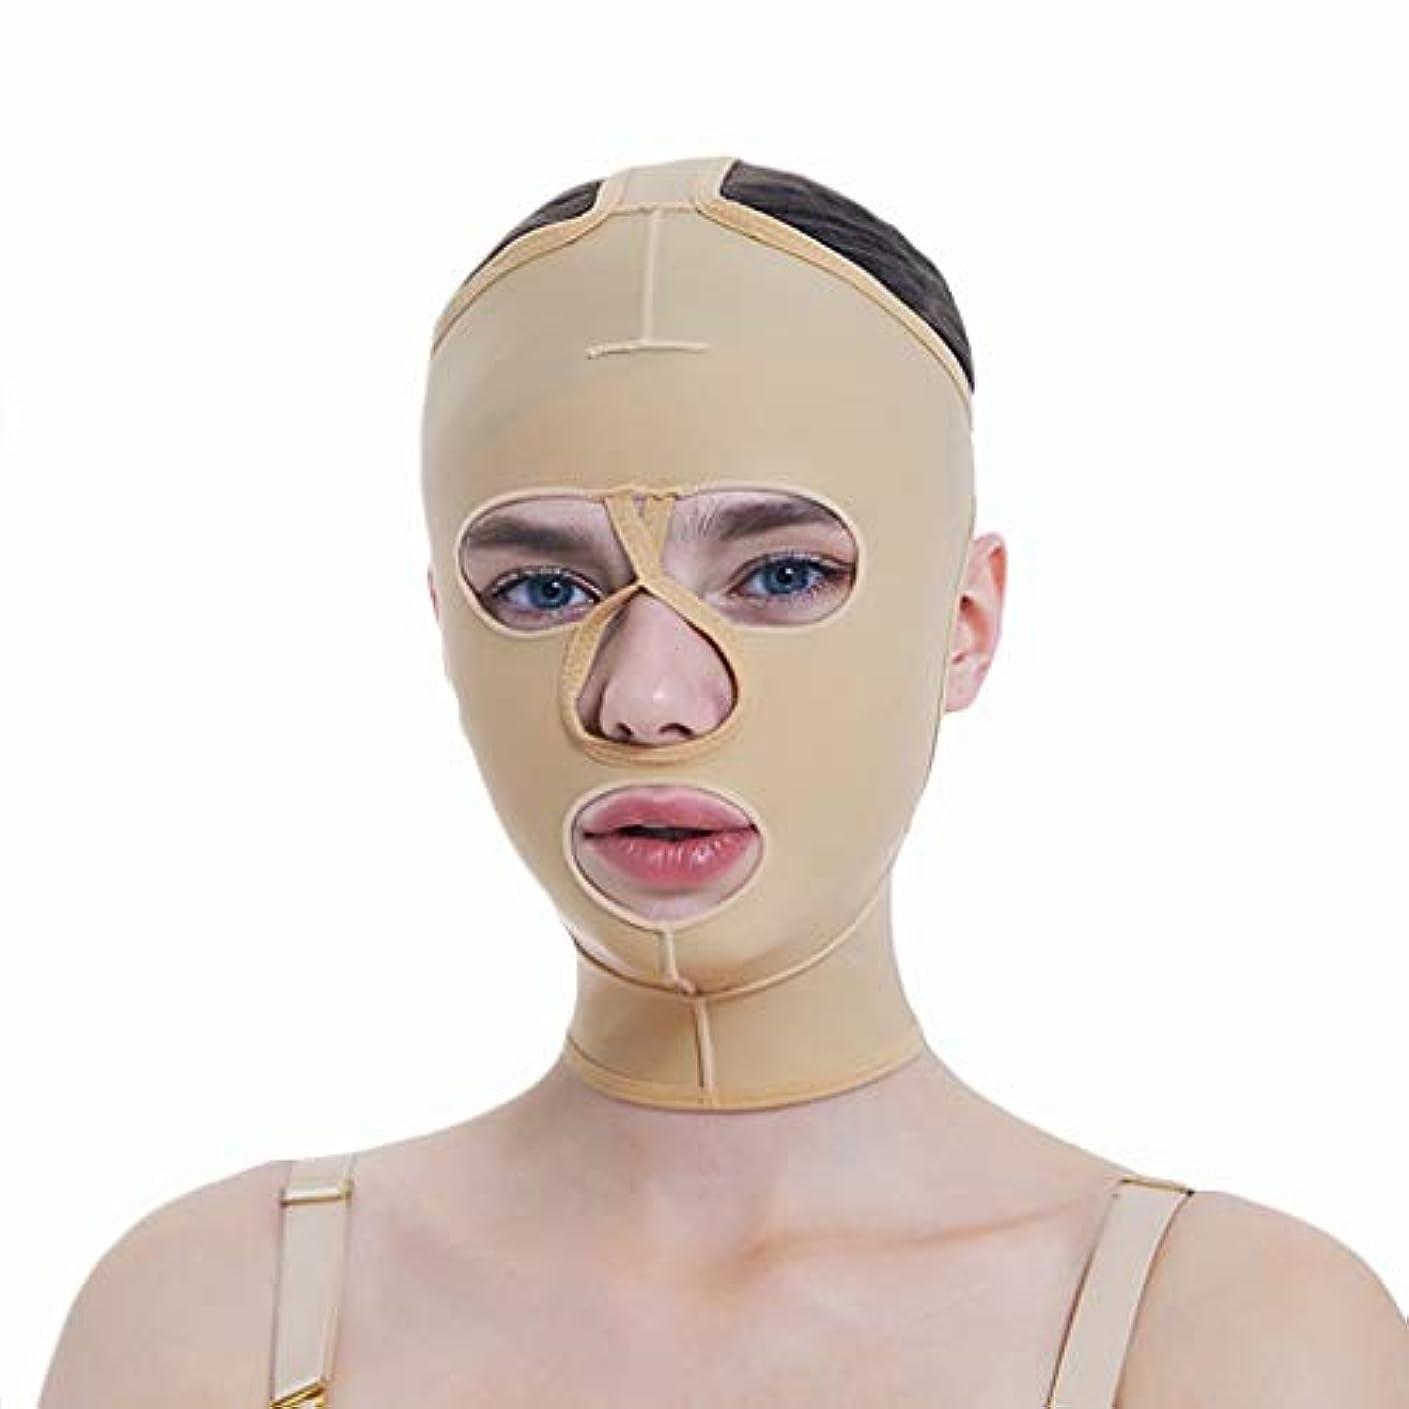 海岸家サイクルXHLMRMJ 顔の減量マスク、フルカバレッジ包帯、フルフェイスリフティングマスク、フェイスマスク、快適で通気性、リフティングシェーピング (Size : M)